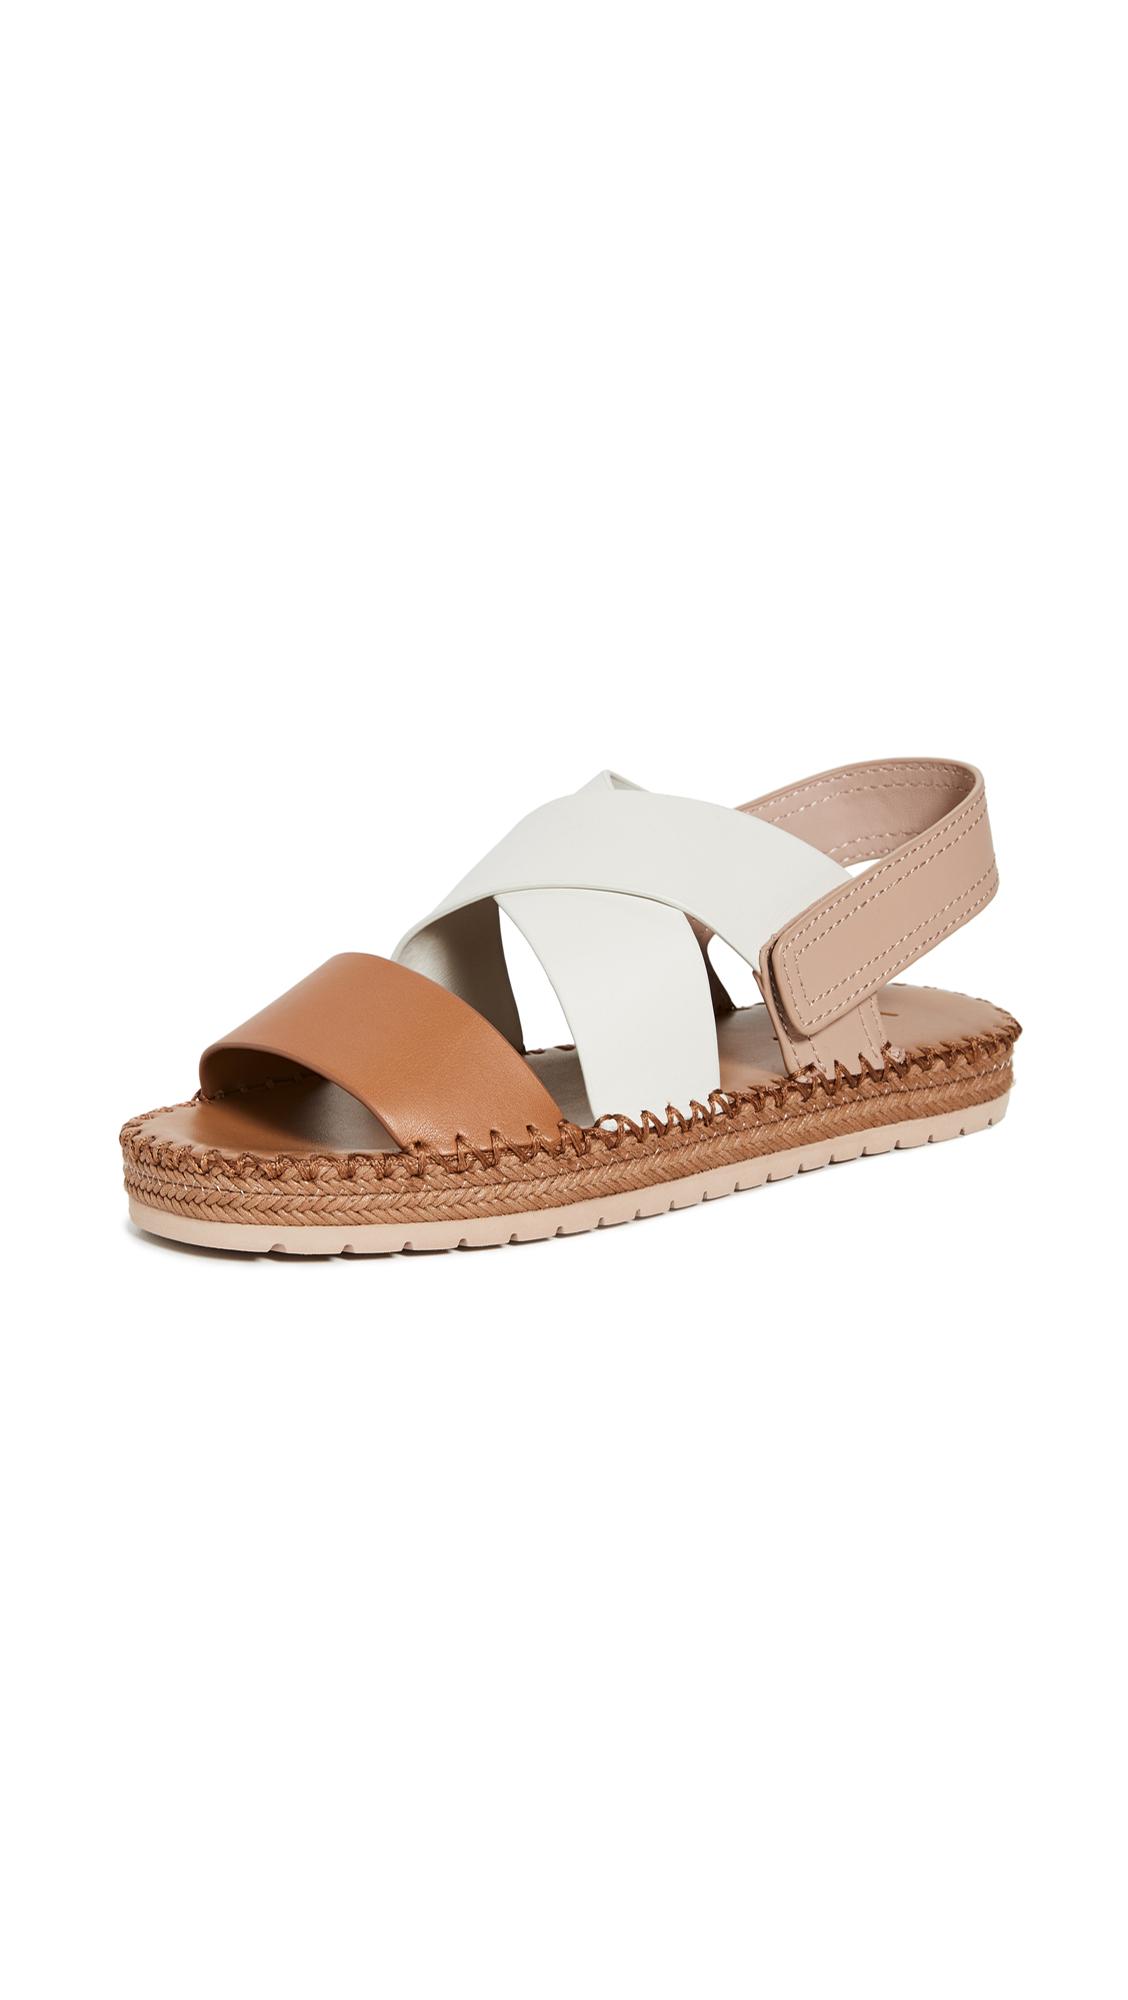 Vince Tenison 2 Sandals